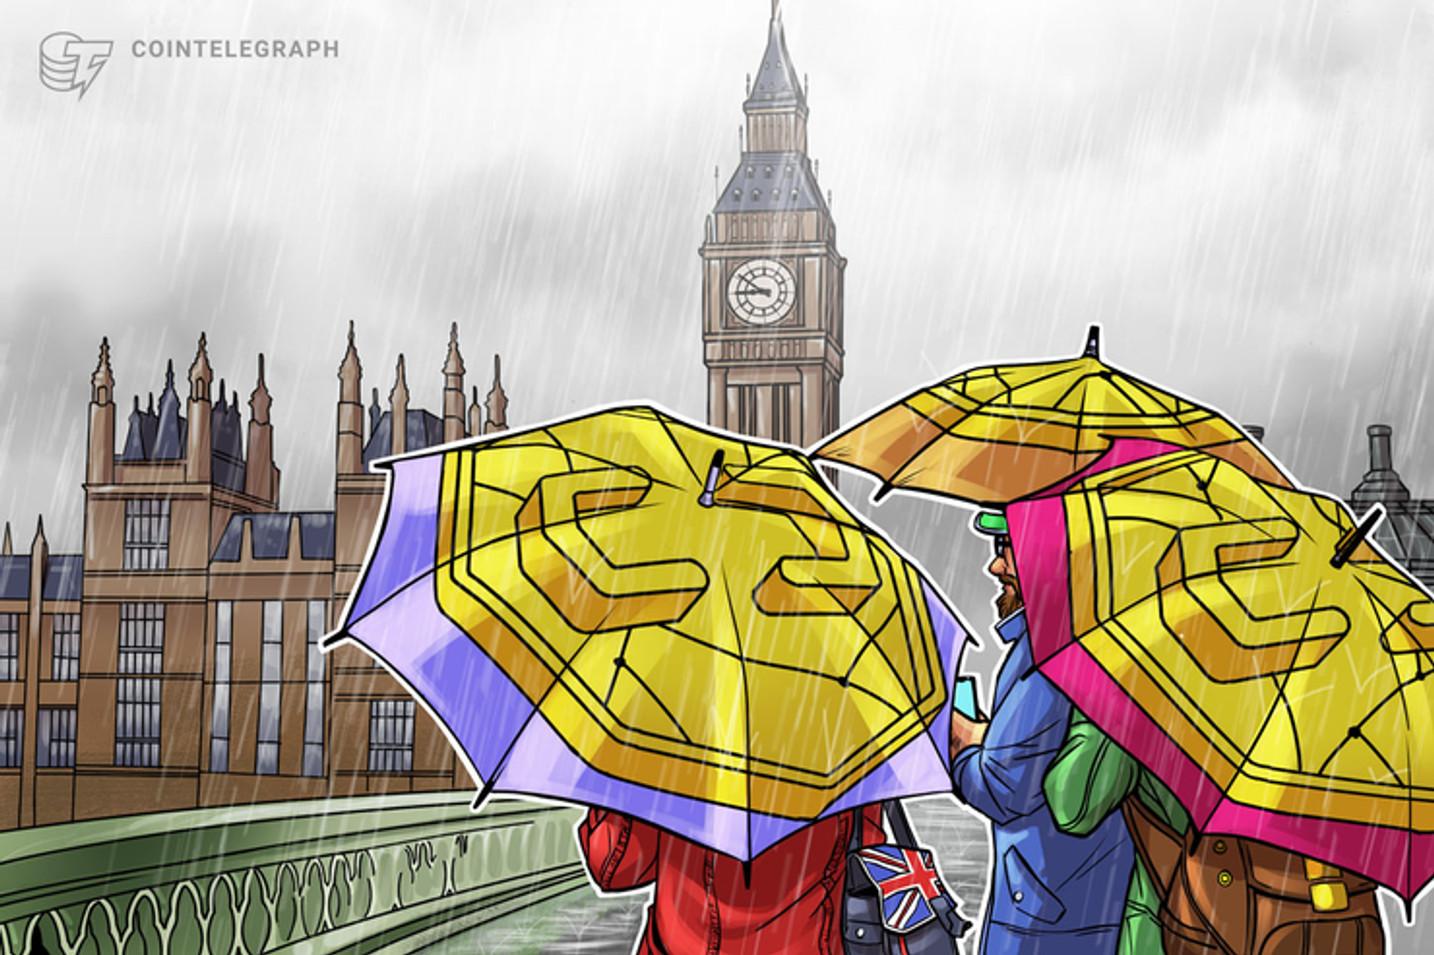 El Reino Unido se suma a la emisión de bonos a tasa negativa. ¿Cómo funcionan y para qué sirven?